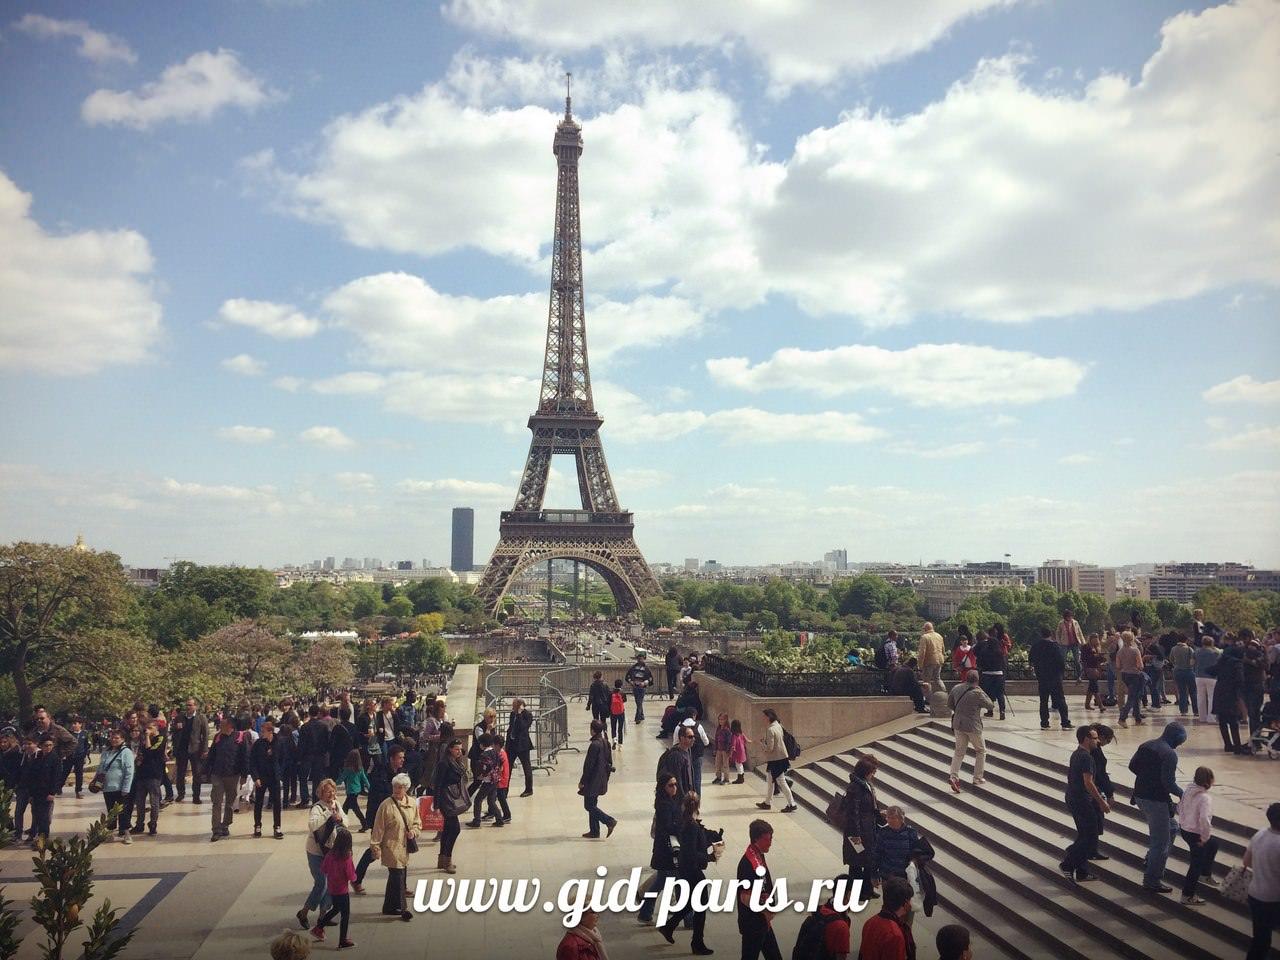 Париж экскурсии на русском языке